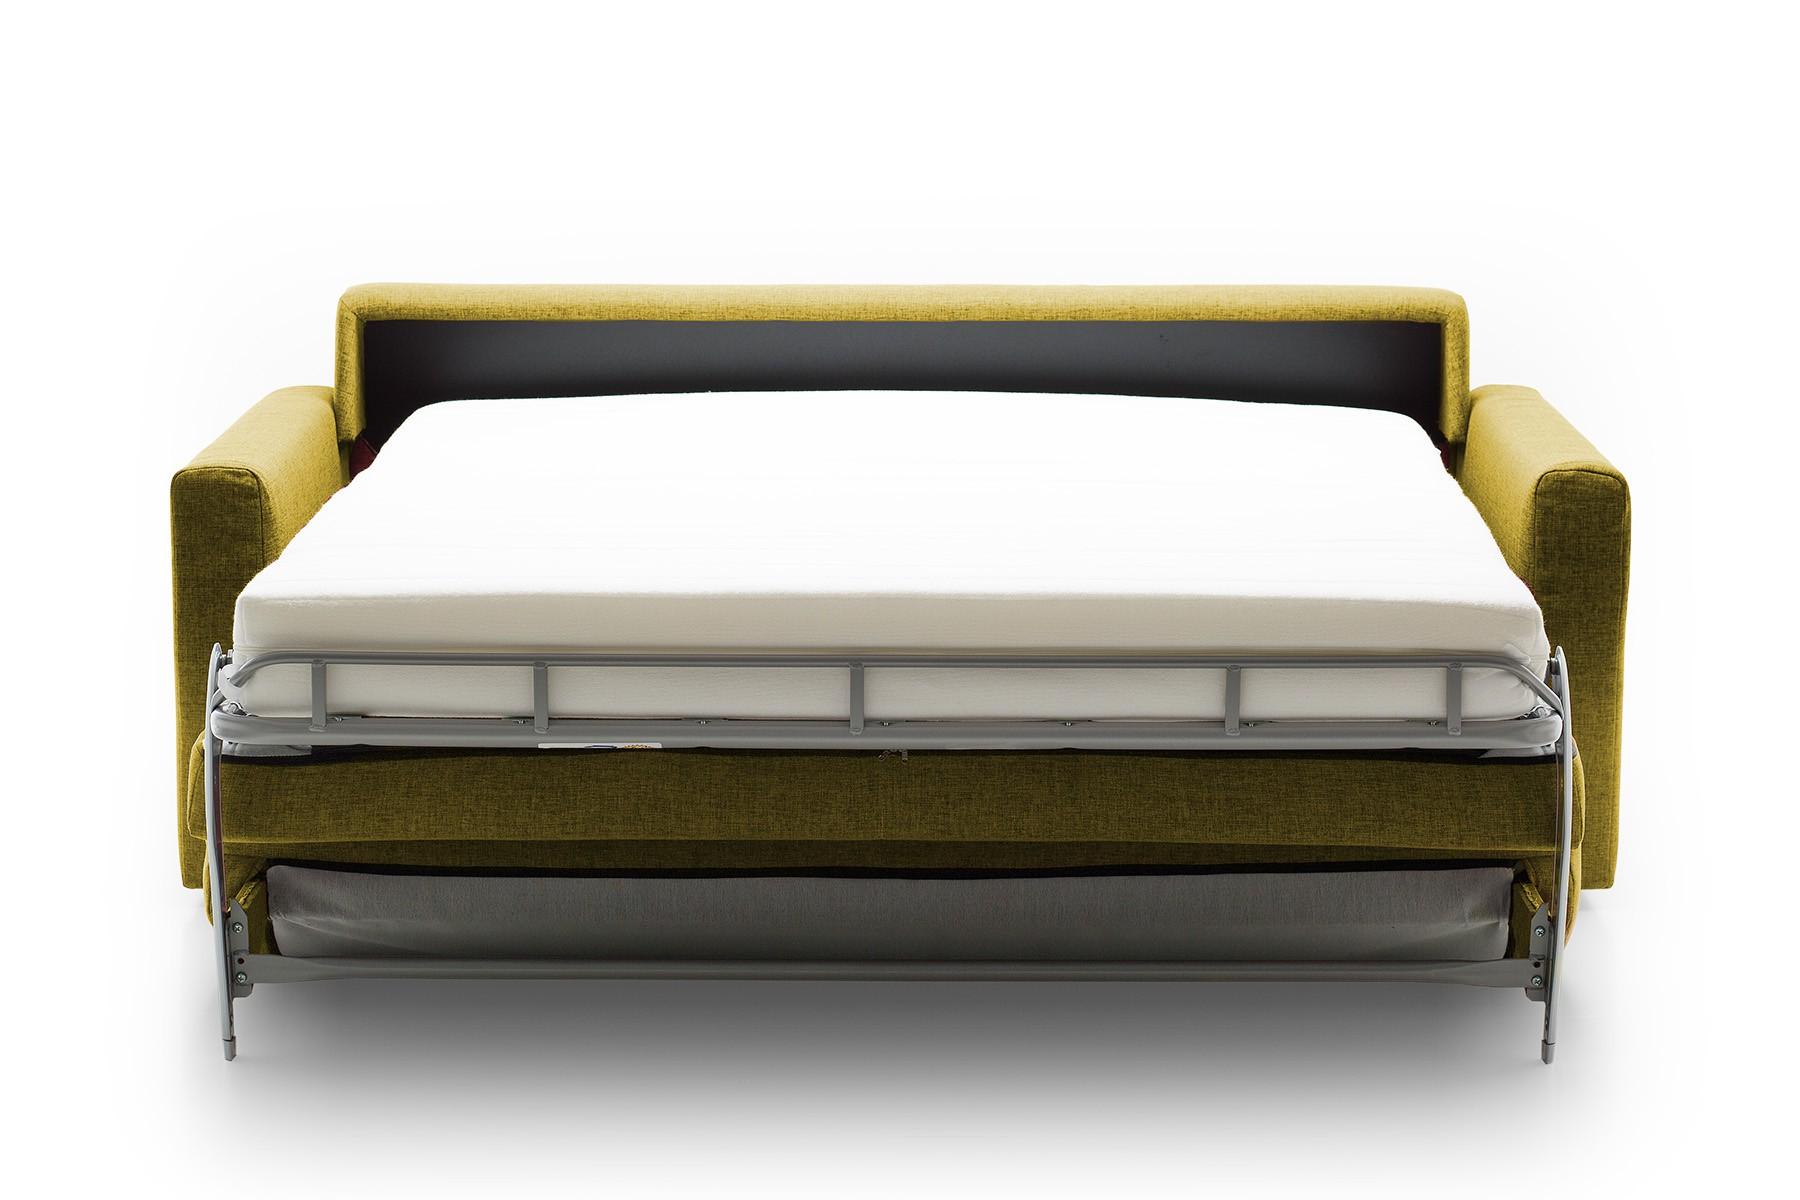 Full Size of Couch Ausklappbar Schlafsofa Monza Fr Dauerschlfer Auf Sofawerkde Kaufen Ausklappbares Bett Wohnzimmer Couch Ausklappbar